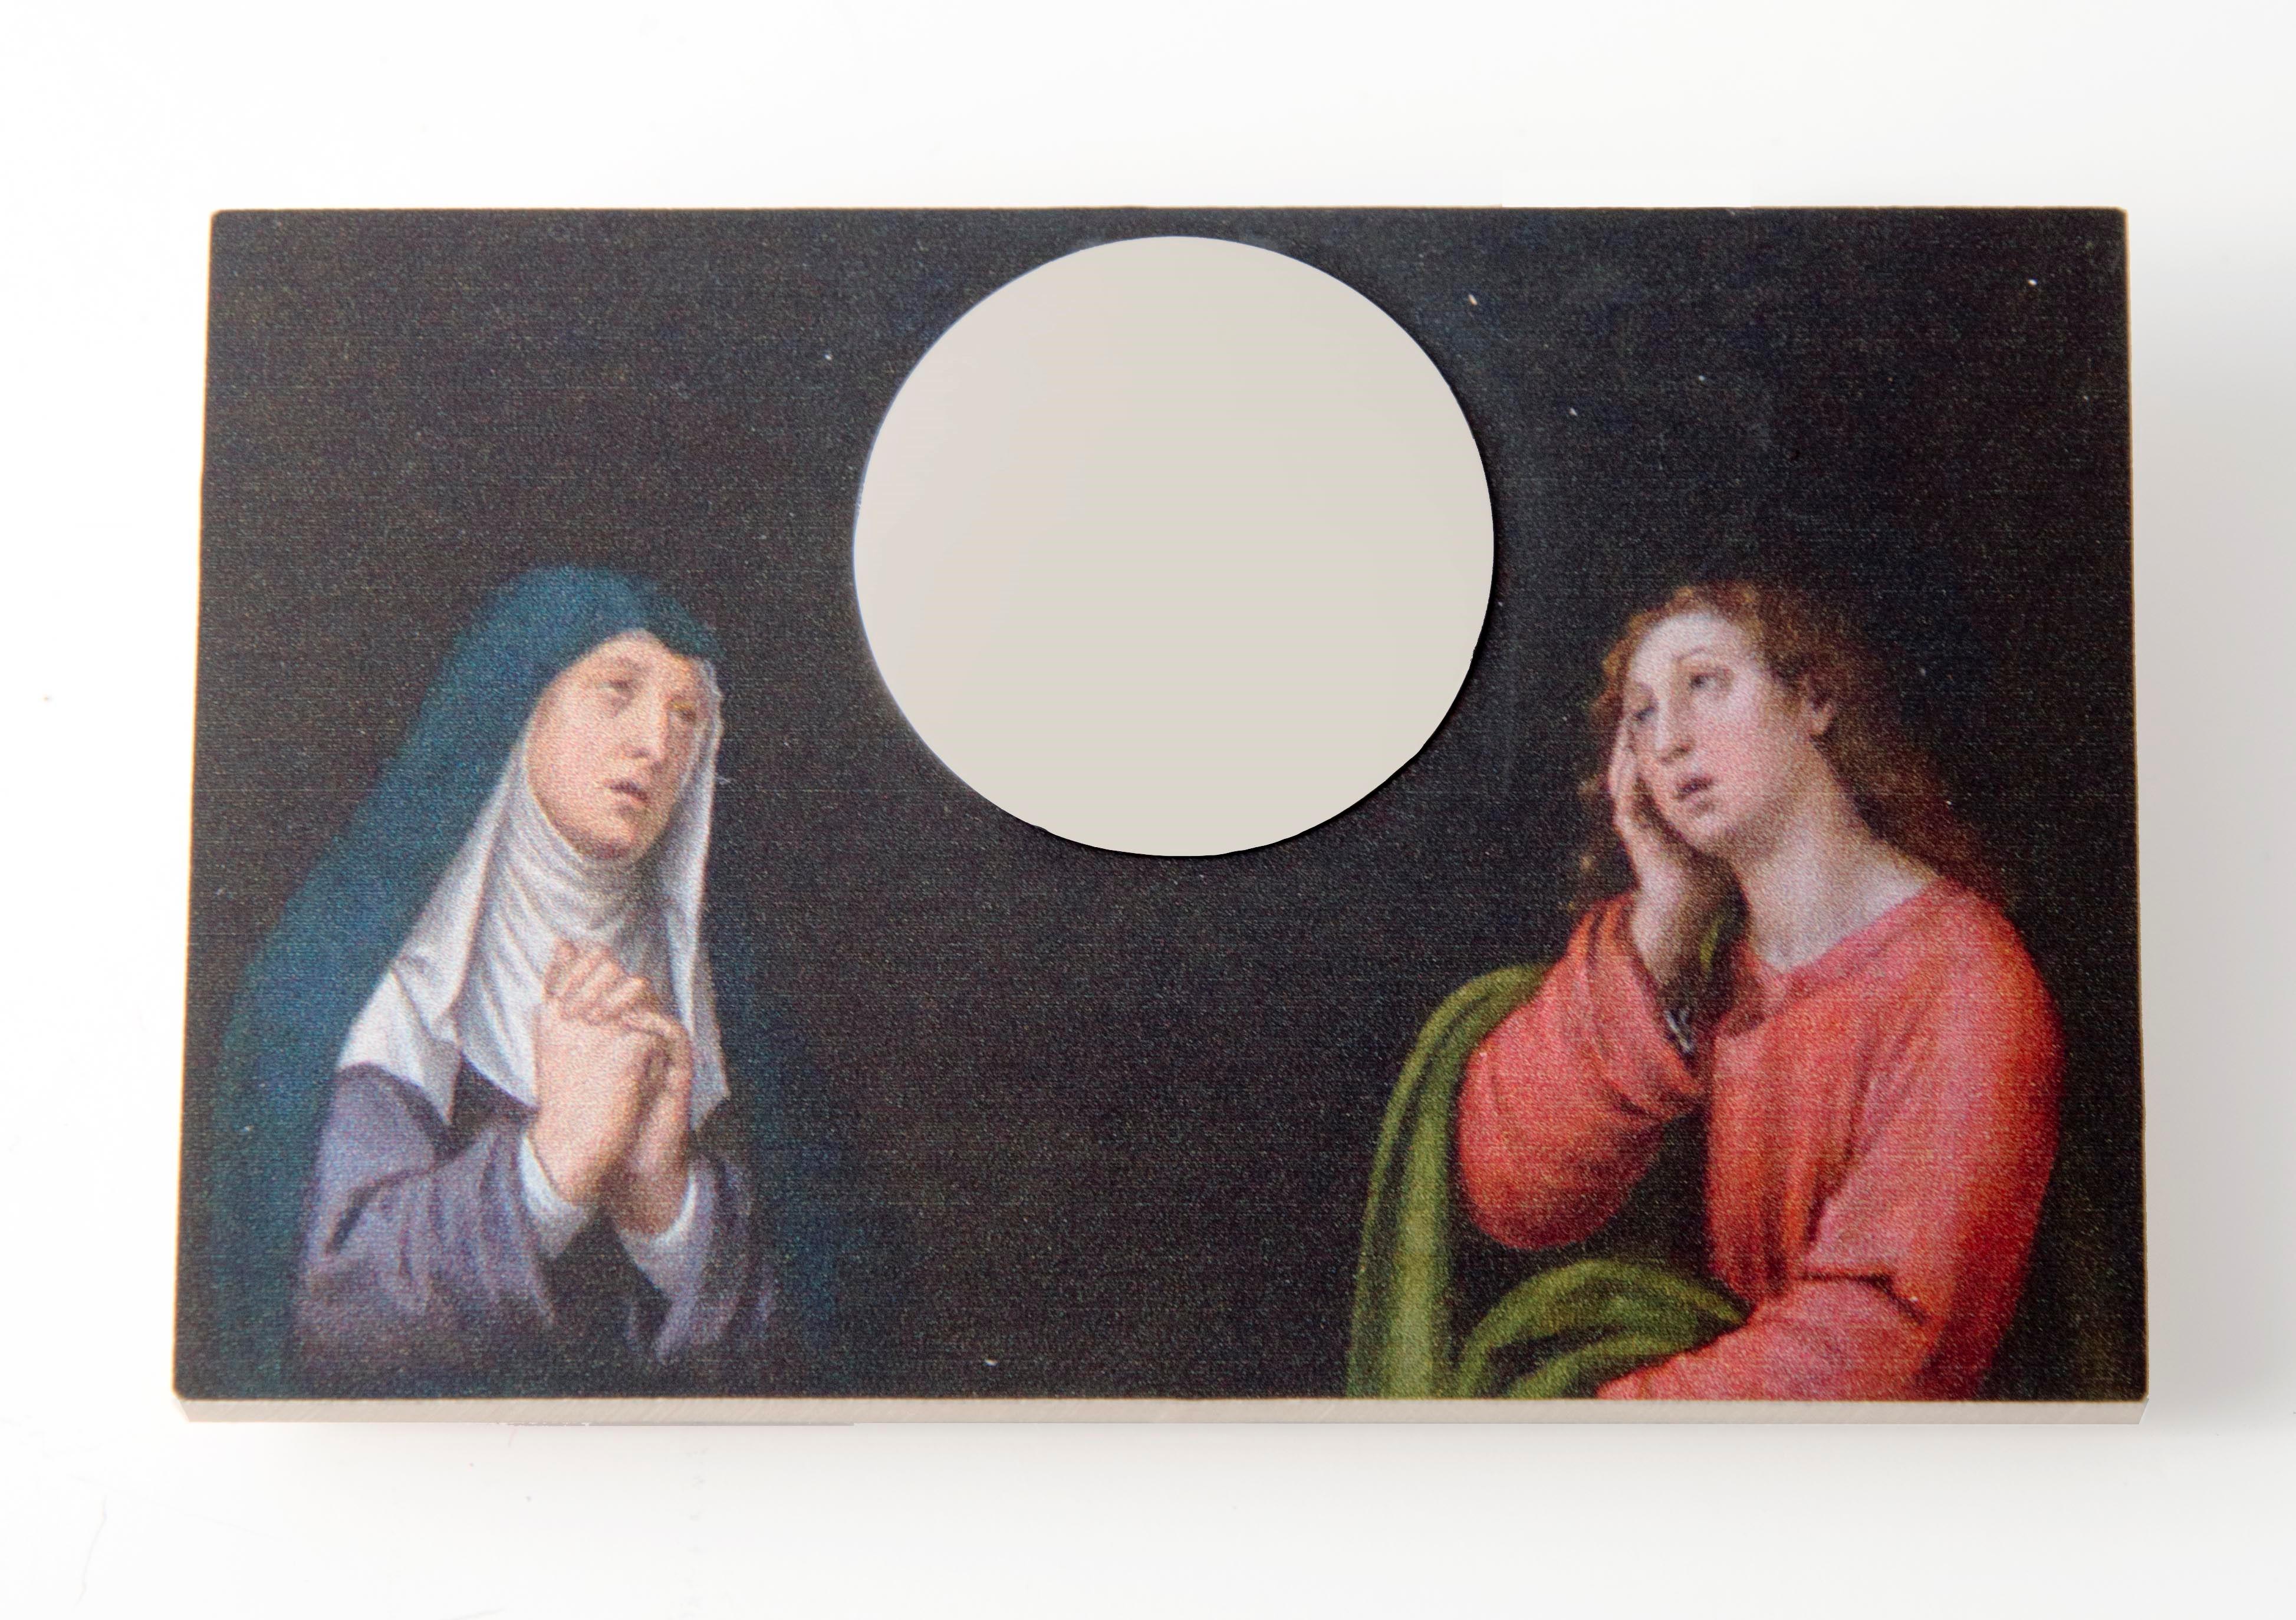 Herman Hermsen, Idol in the mirror, broche, 2016. Collectie CODA. Foto CODA, hout, metaal